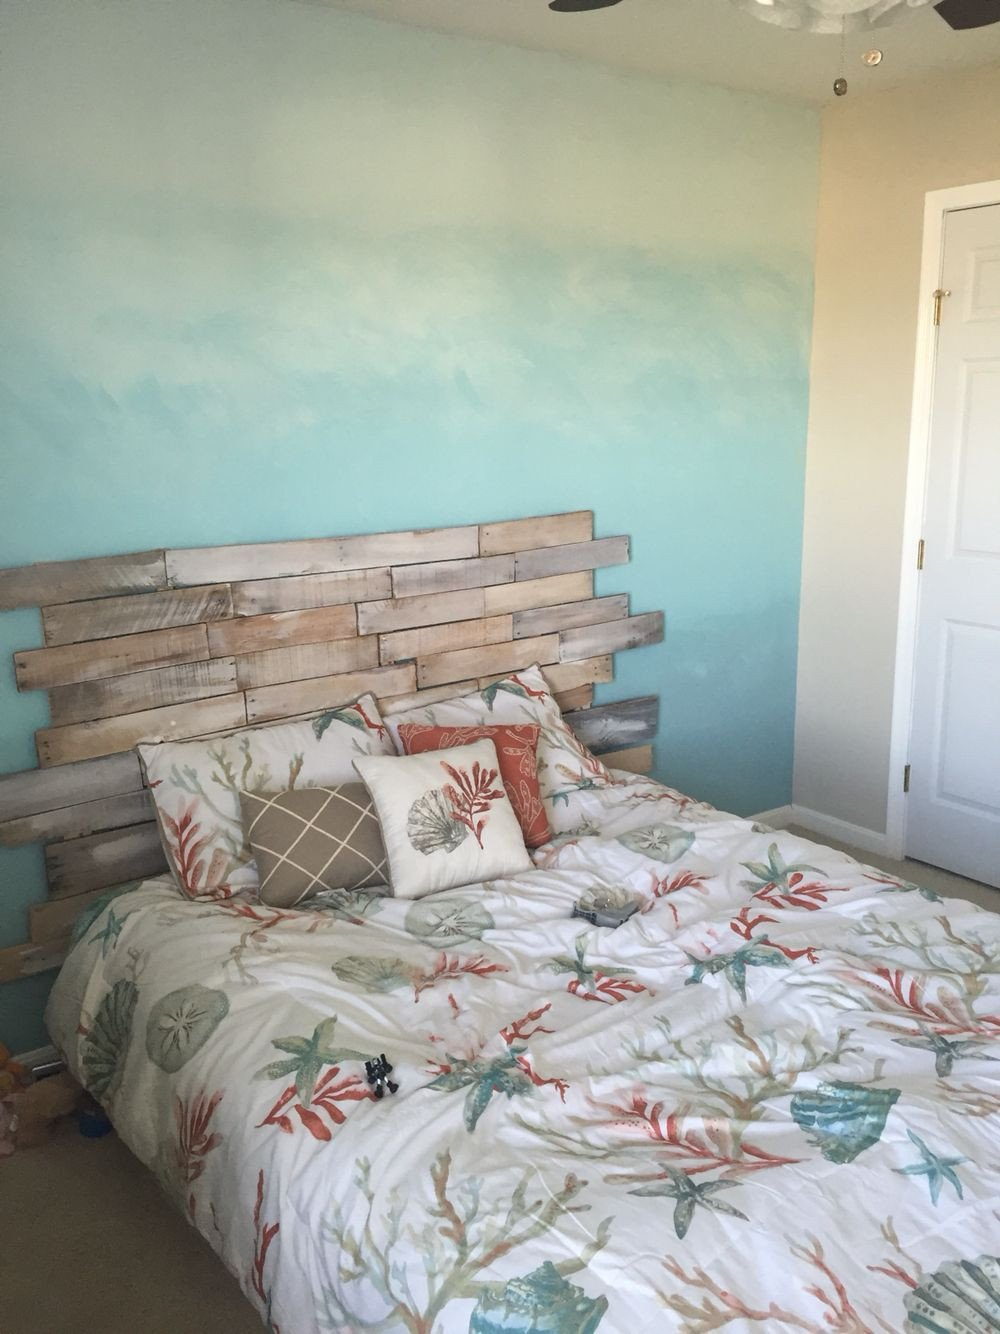 Beach themed Bedroom Set New Ombré Ocean Wall Pallet Headboard for A Beach themed Room